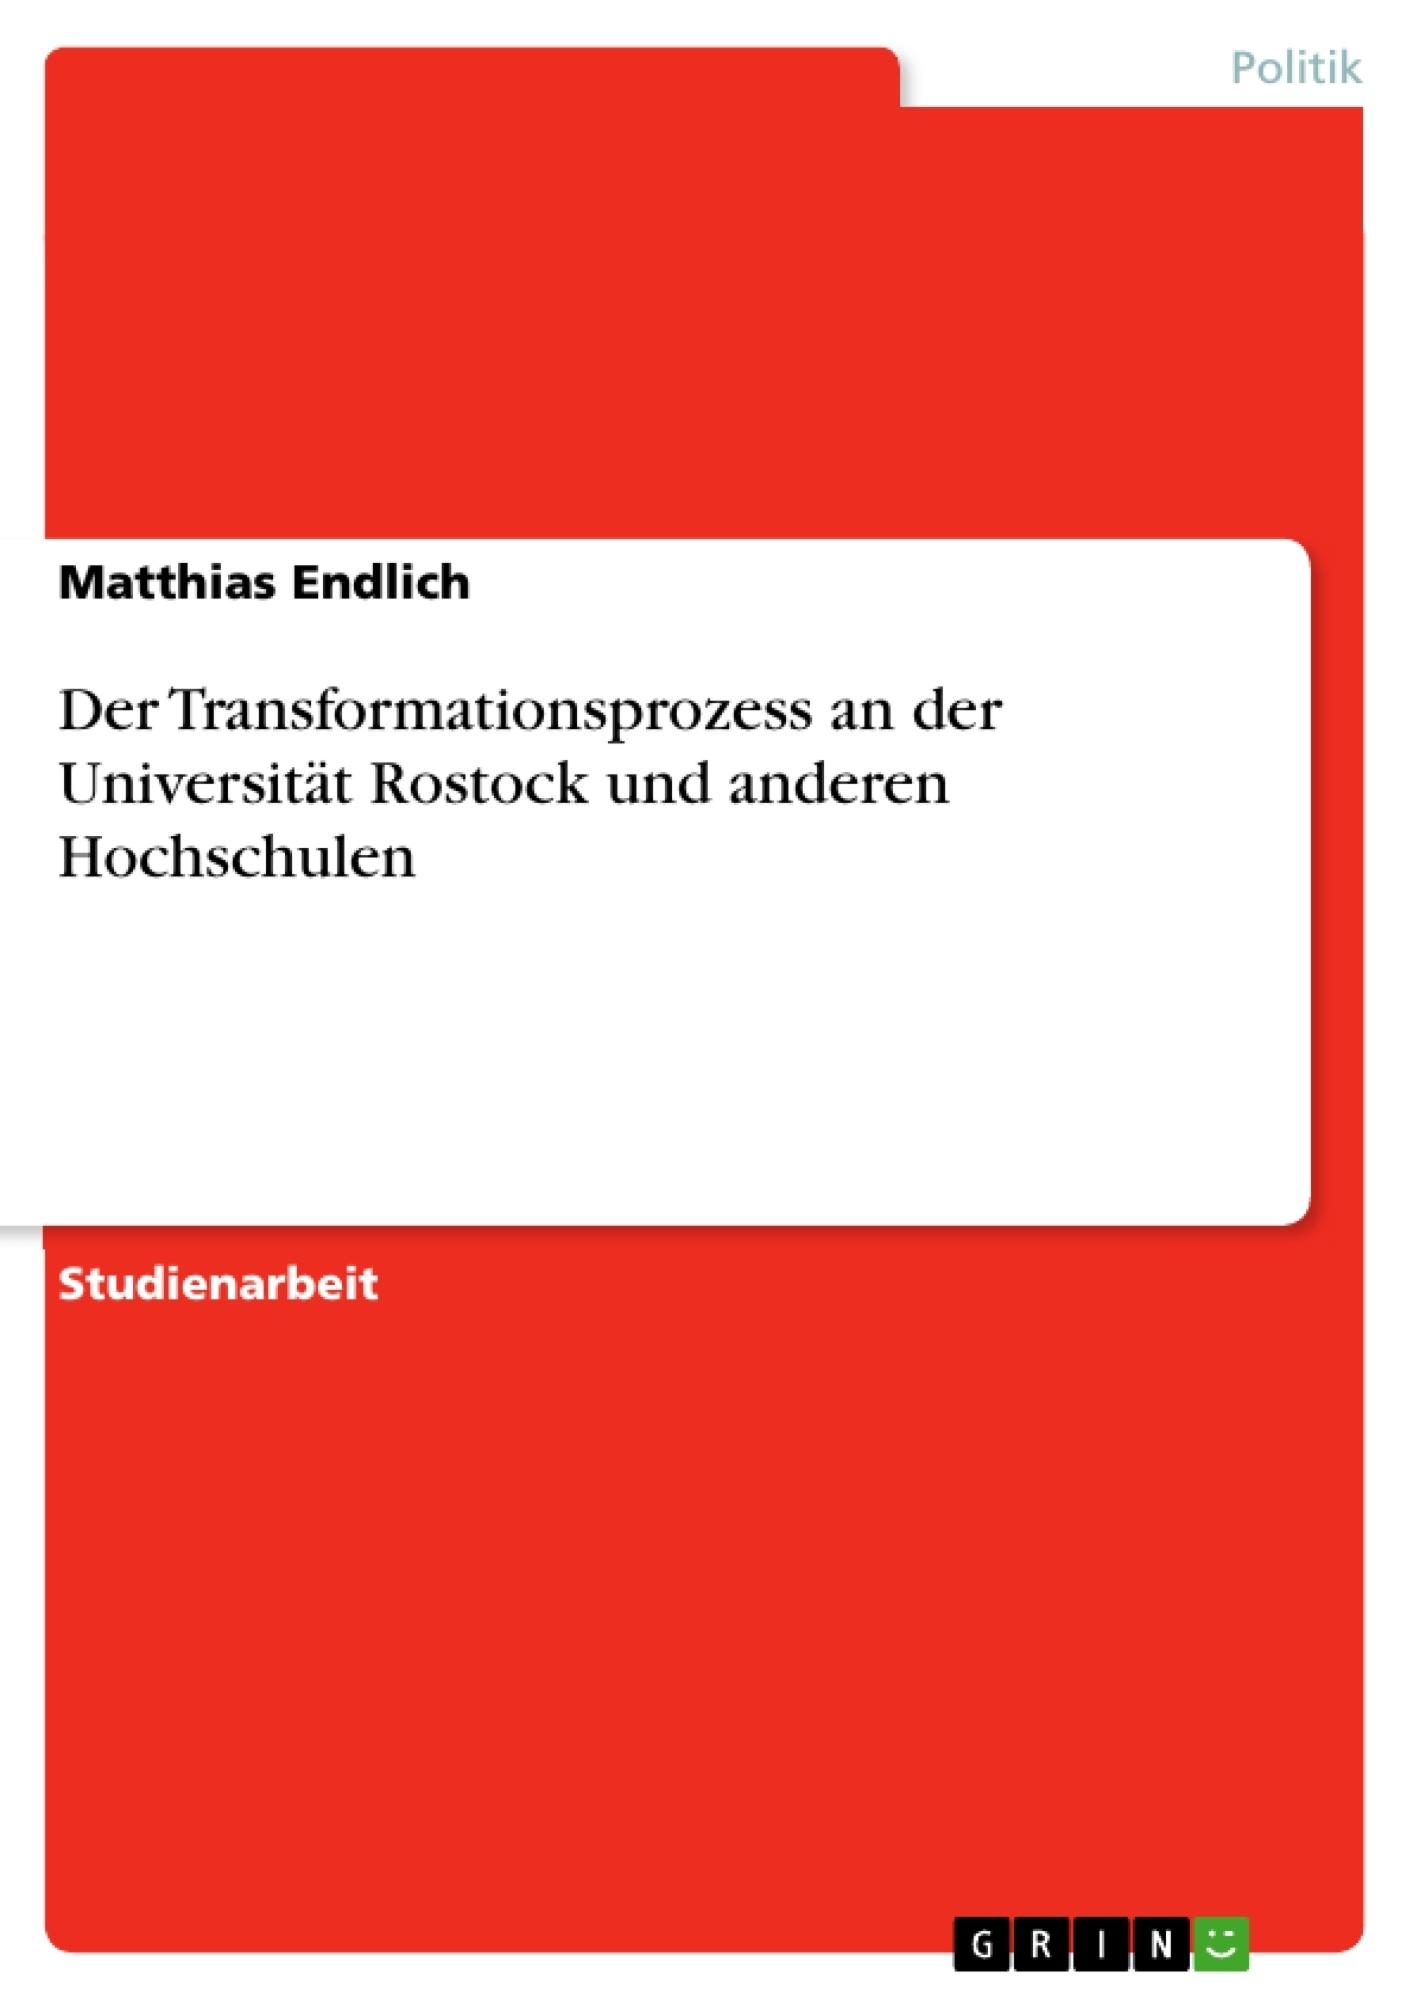 Titel: Der Transformationsprozess an der Universität Rostock und anderen Hochschulen